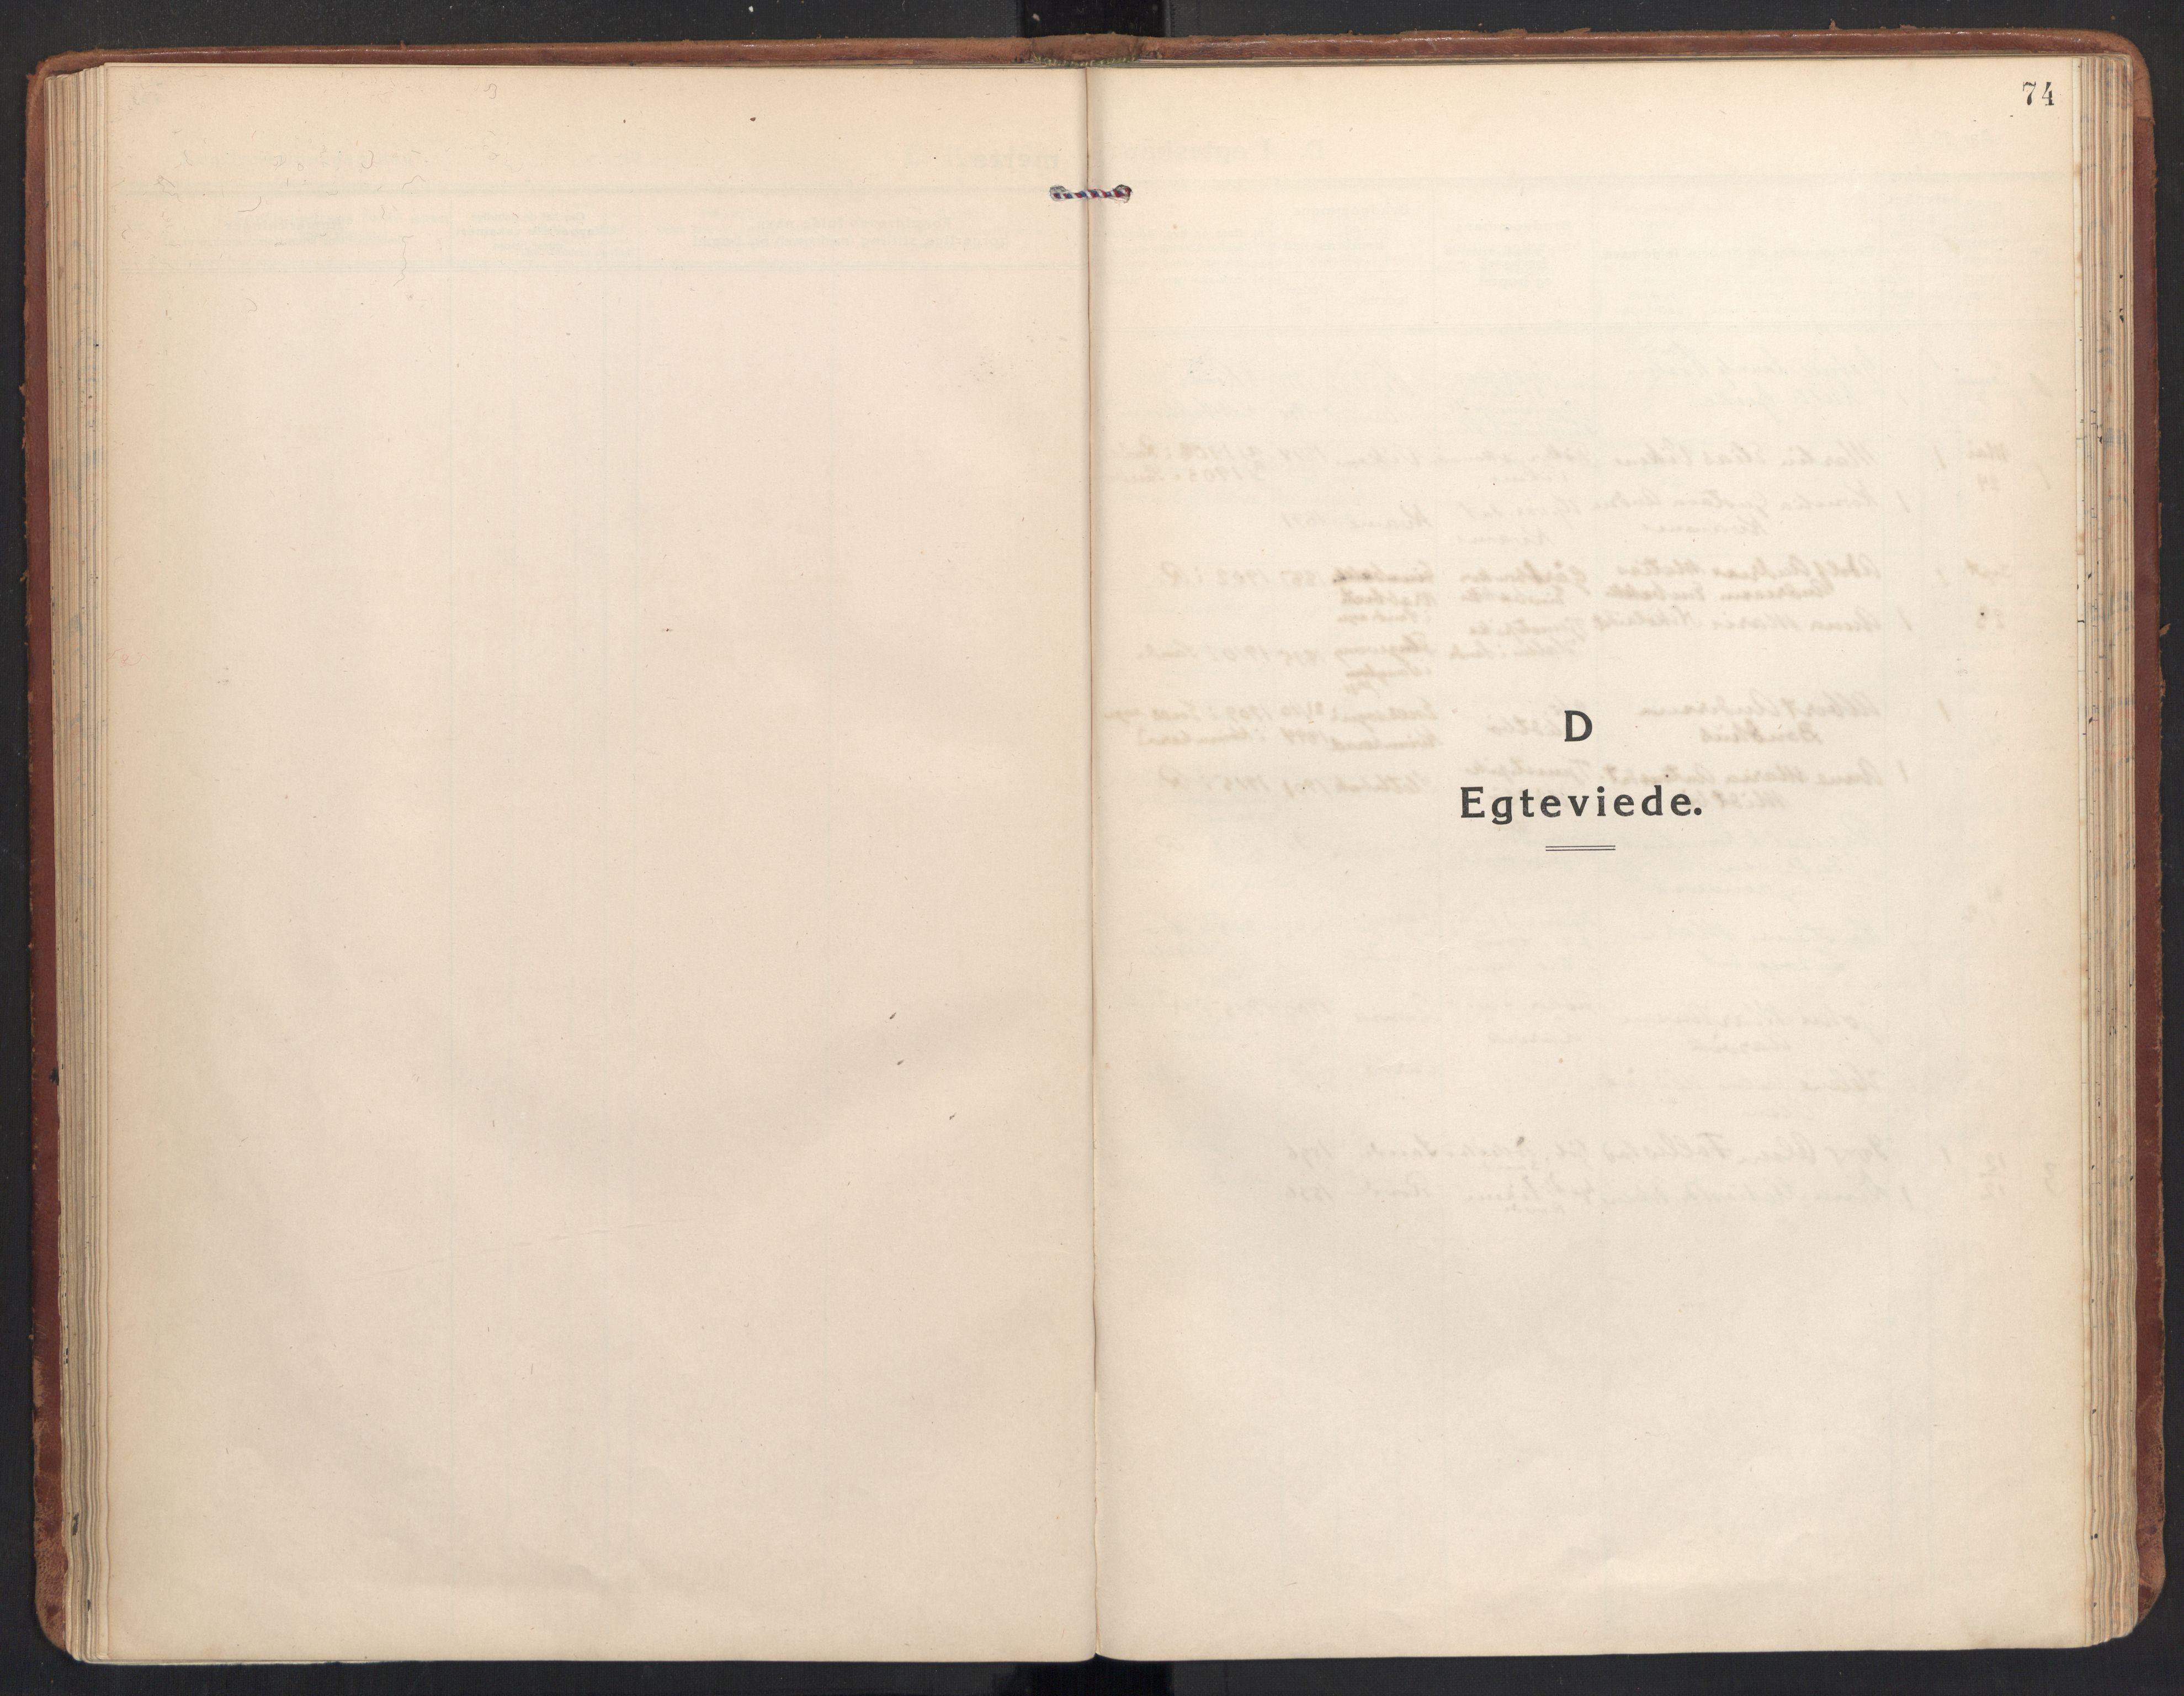 SAT, Ministerialprotokoller, klokkerbøker og fødselsregistre - Møre og Romsdal, 504/L0058: Ministerialbok nr. 504A05, 1920-1940, s. 74